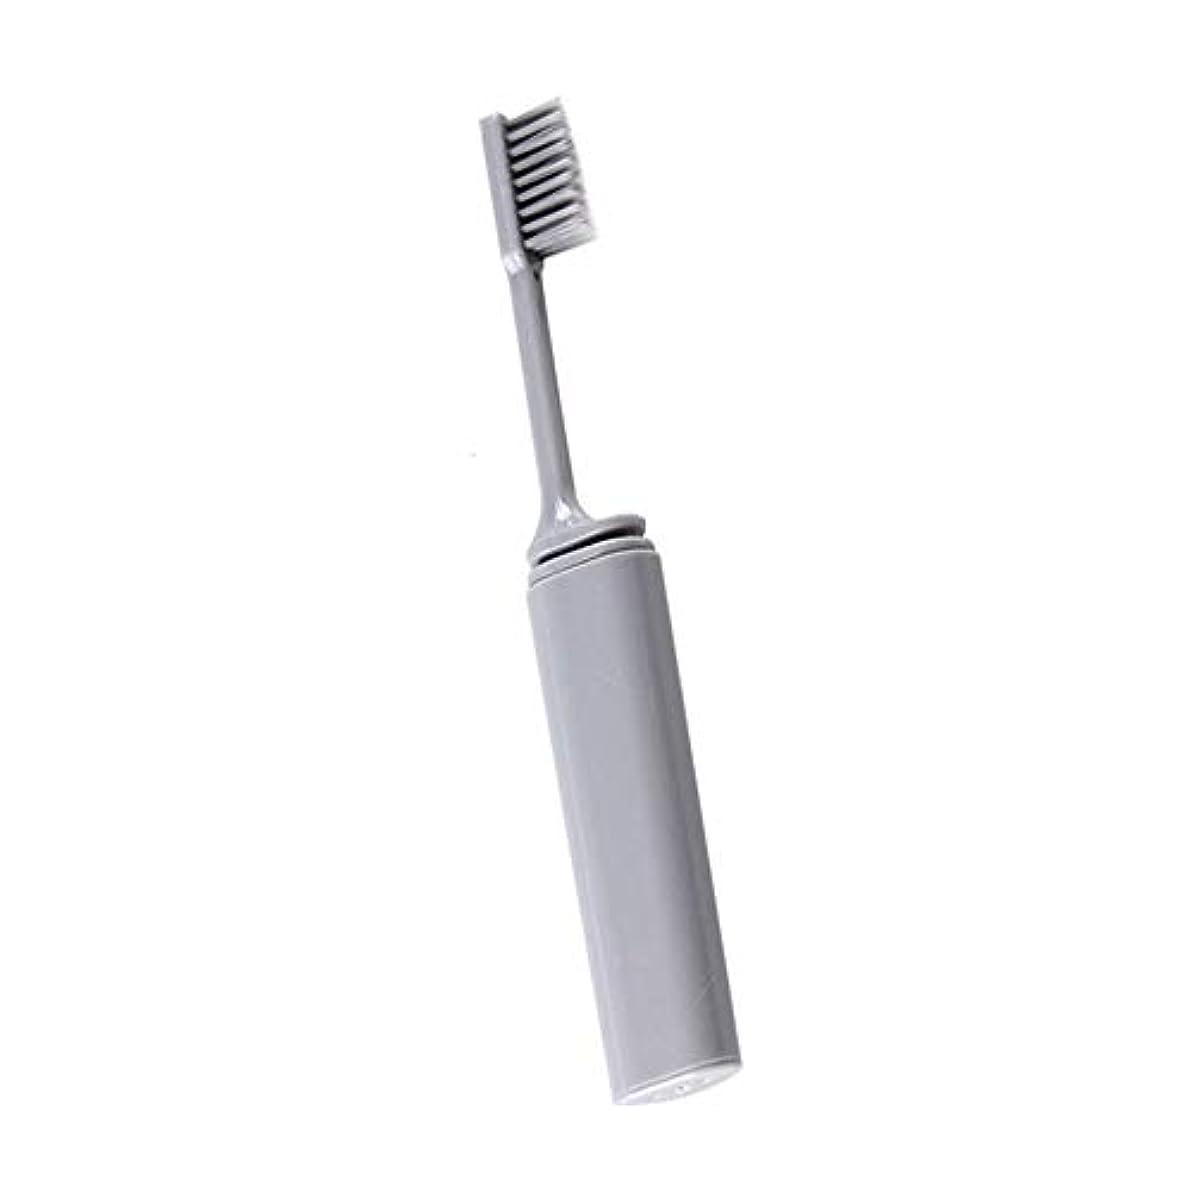 荒れ地真面目な累計Onior 旅行歯ブラシ 折りたたみ歯ブラシ 携帯歯ブラシ 外出 旅行用品, ソフト コンパクト歯ブラシ 便利 折りたたみ 耐久性 携帯用 灰色